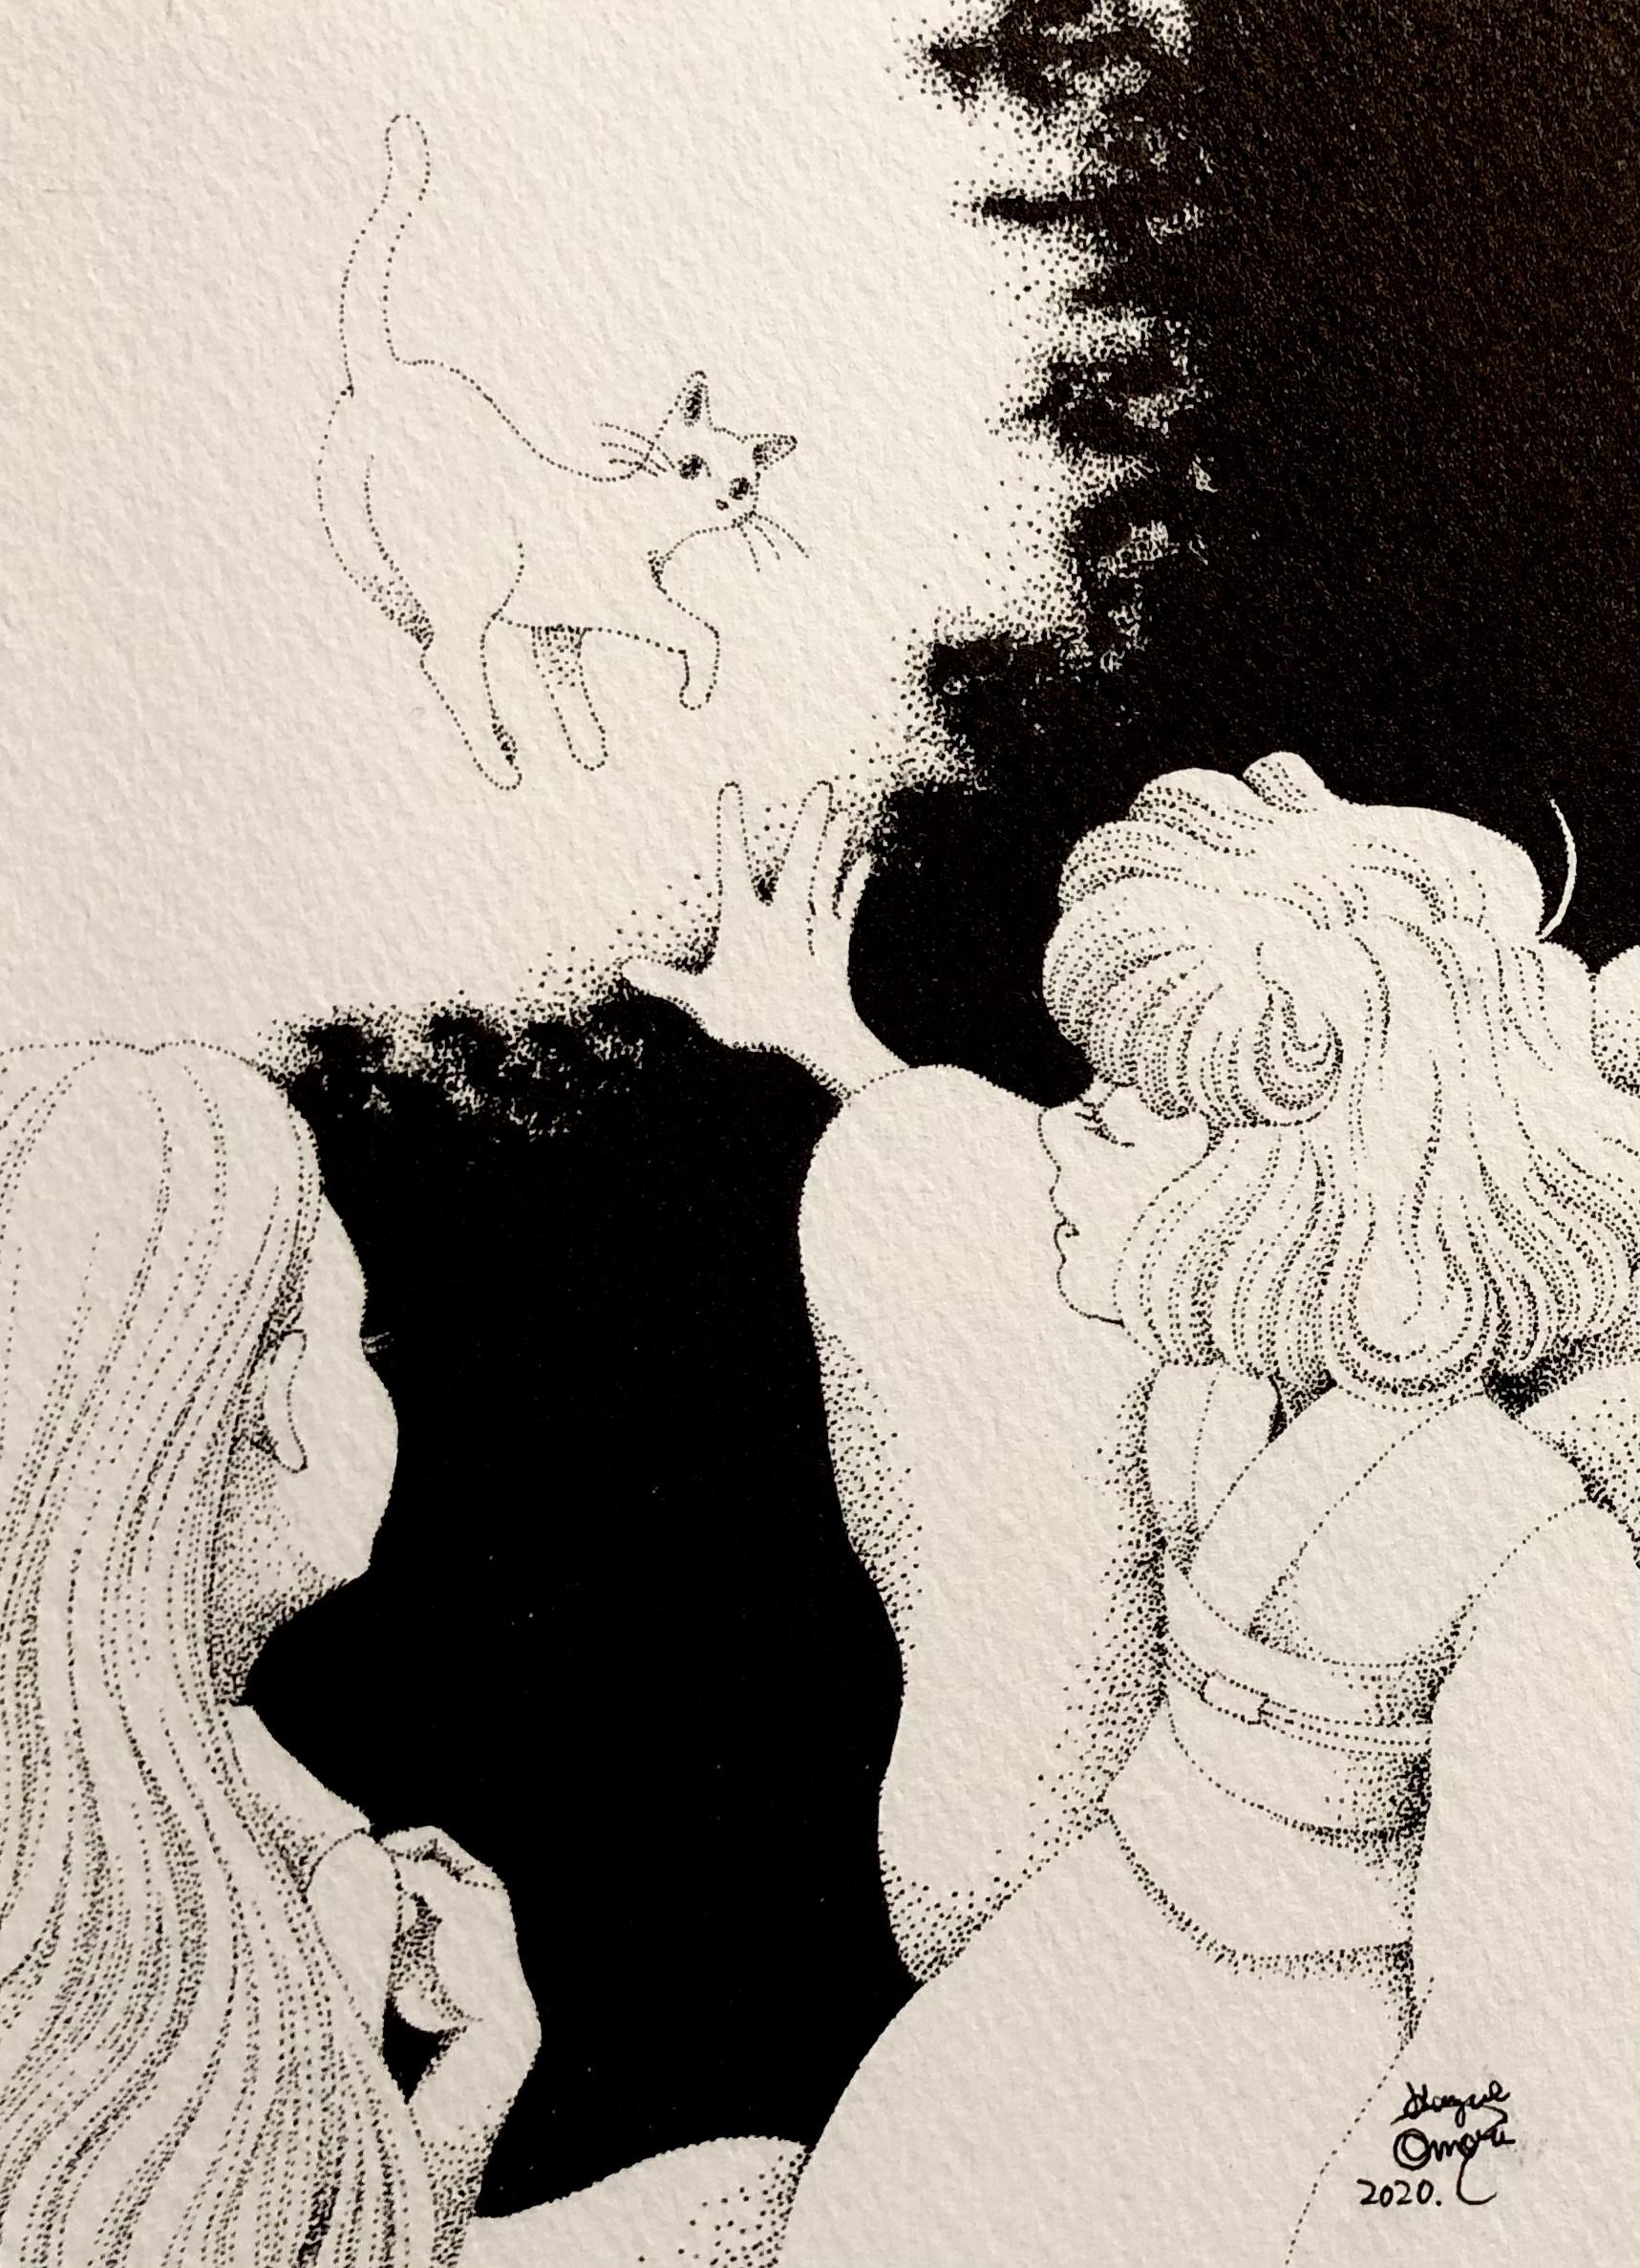 イラスト 女の子イラスト illust 点描画